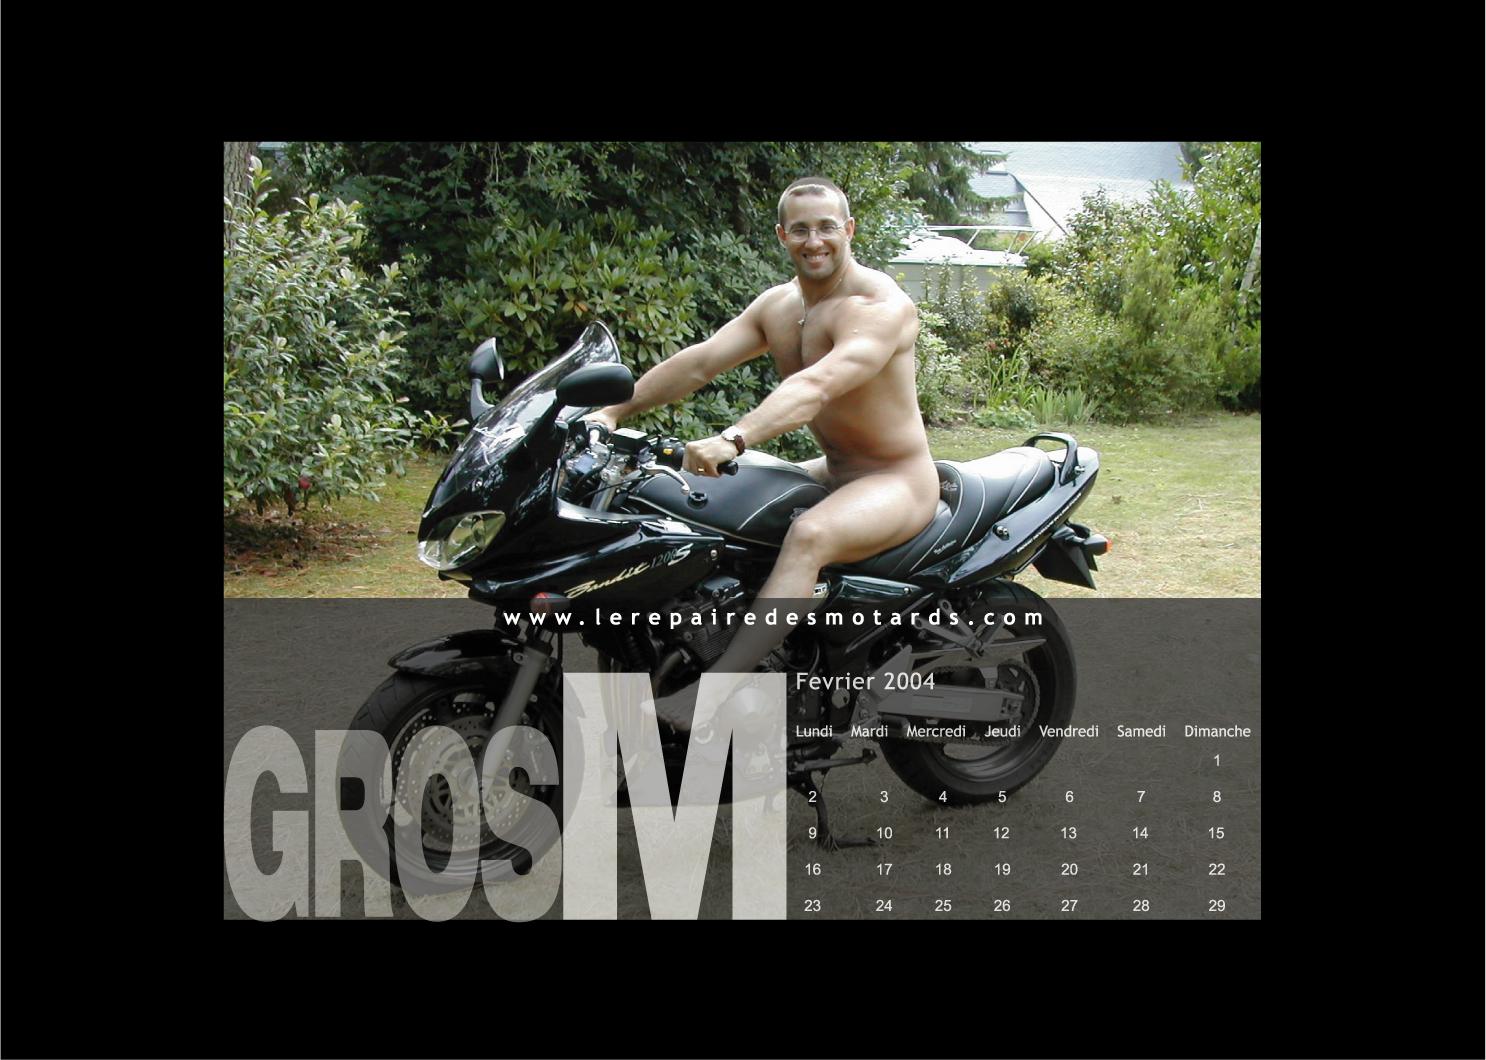 Beaux mecs en moto - Page 2 Fevrier2004_